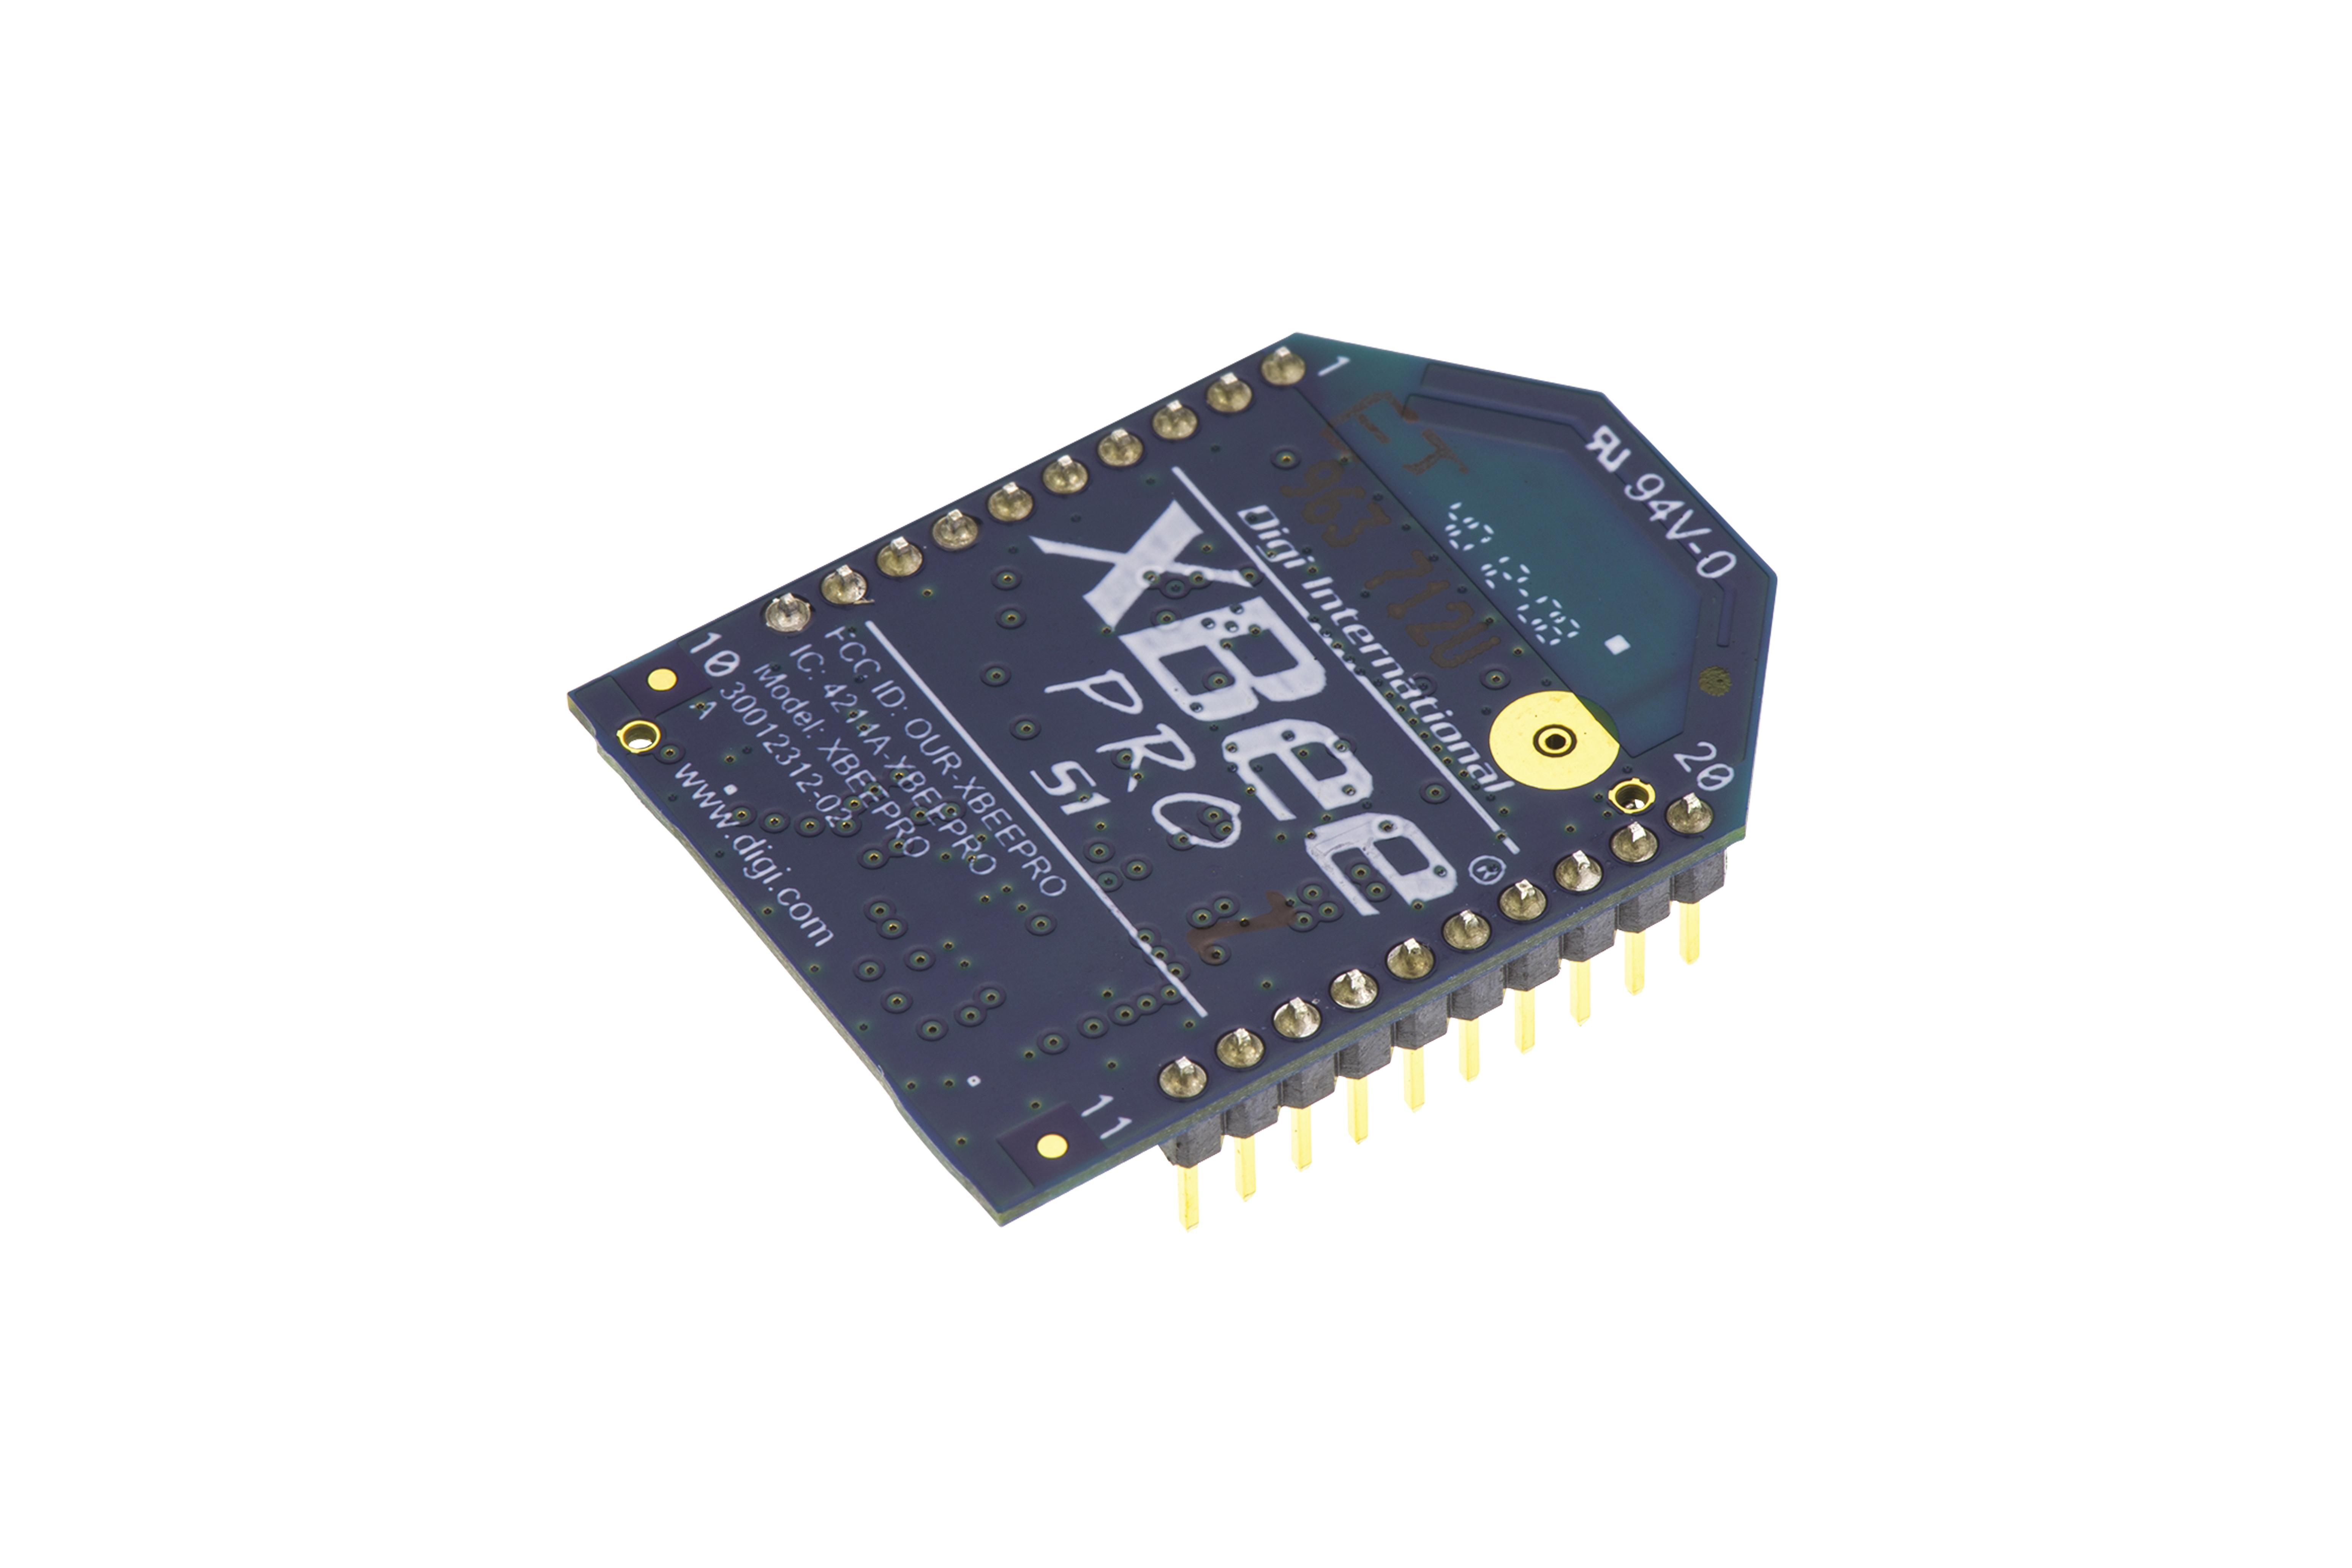 XBee-Pro(ジグビー・プロ)RF Moduleチップアンテナ、10mW